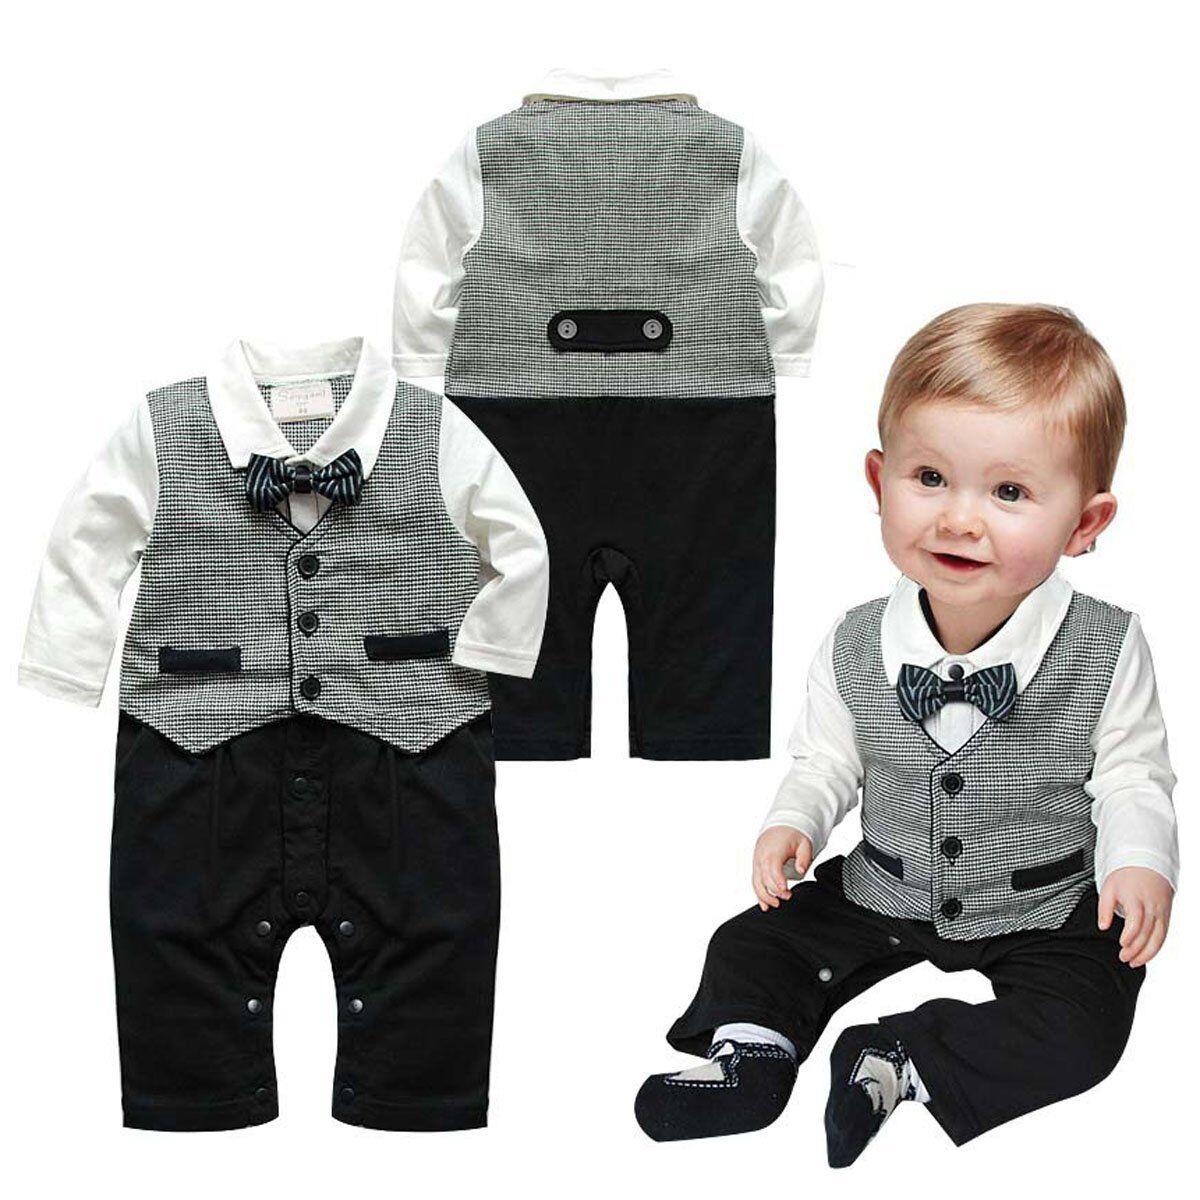 Newborn Infant Kids Baby Boys Gentleman Romper Jumpsuit Bodysuit Clothes Outfits